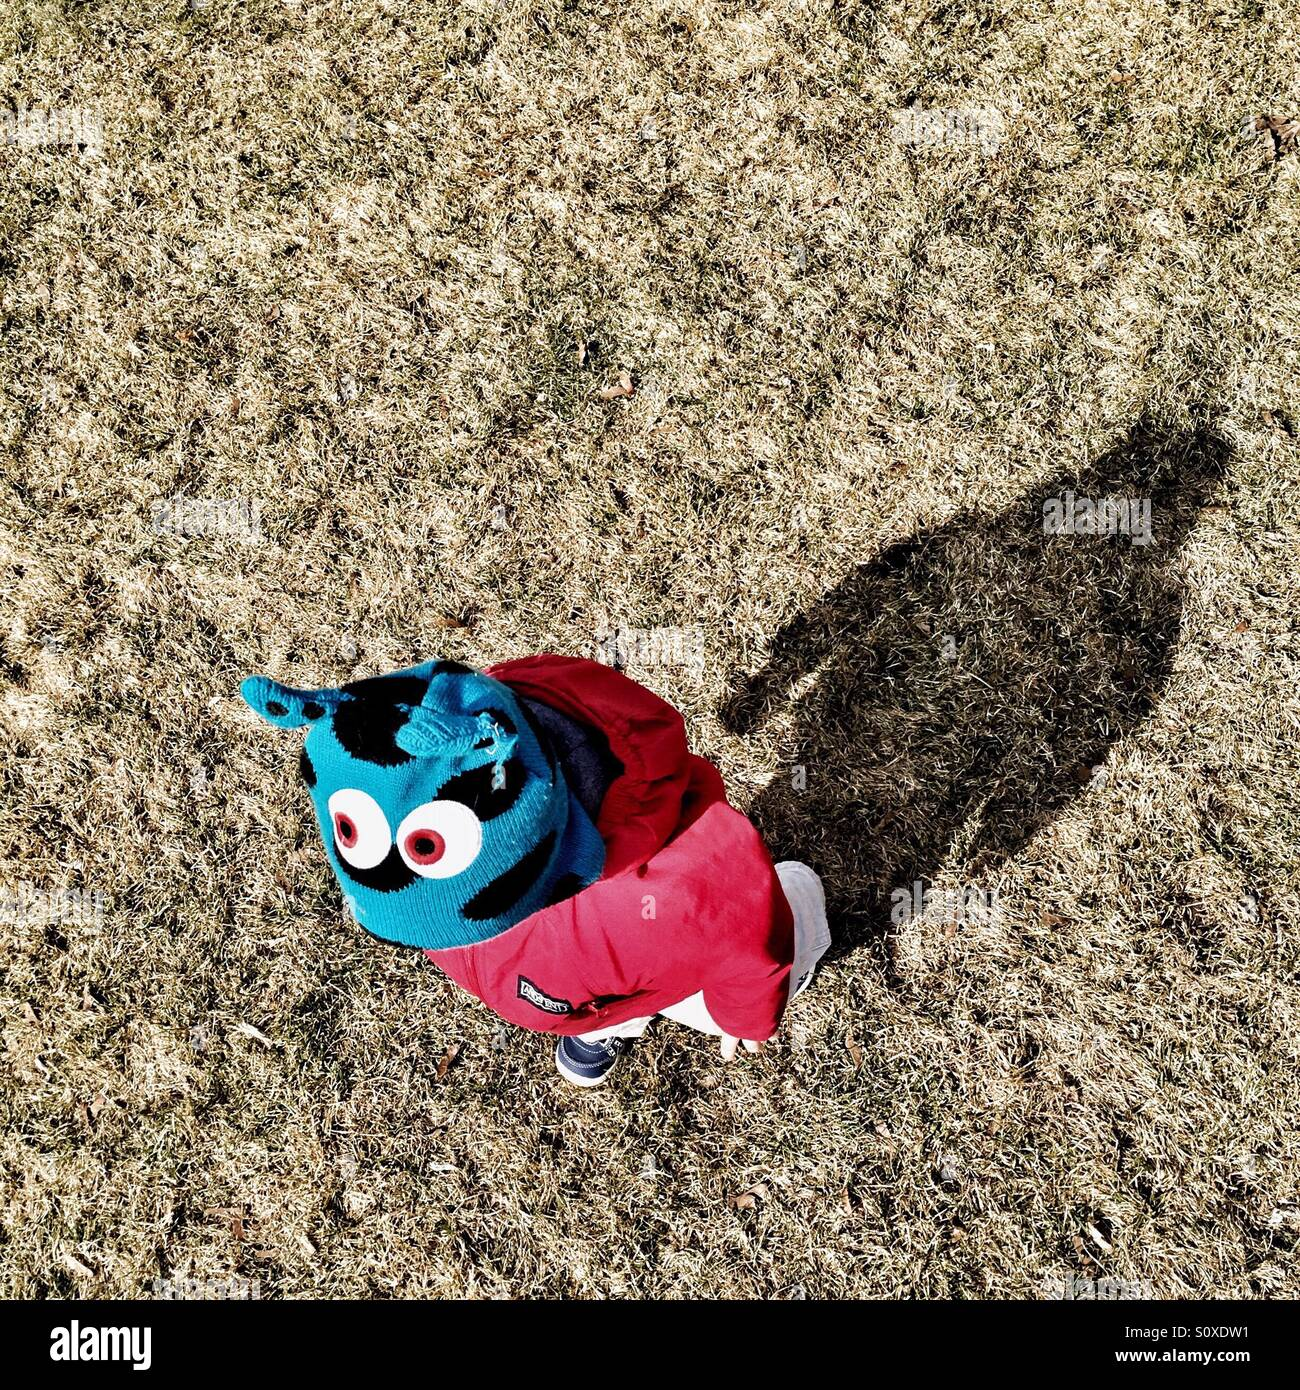 Kleinkind einen Monster Hut, gefolgt von seinem Schatten. Stockbild